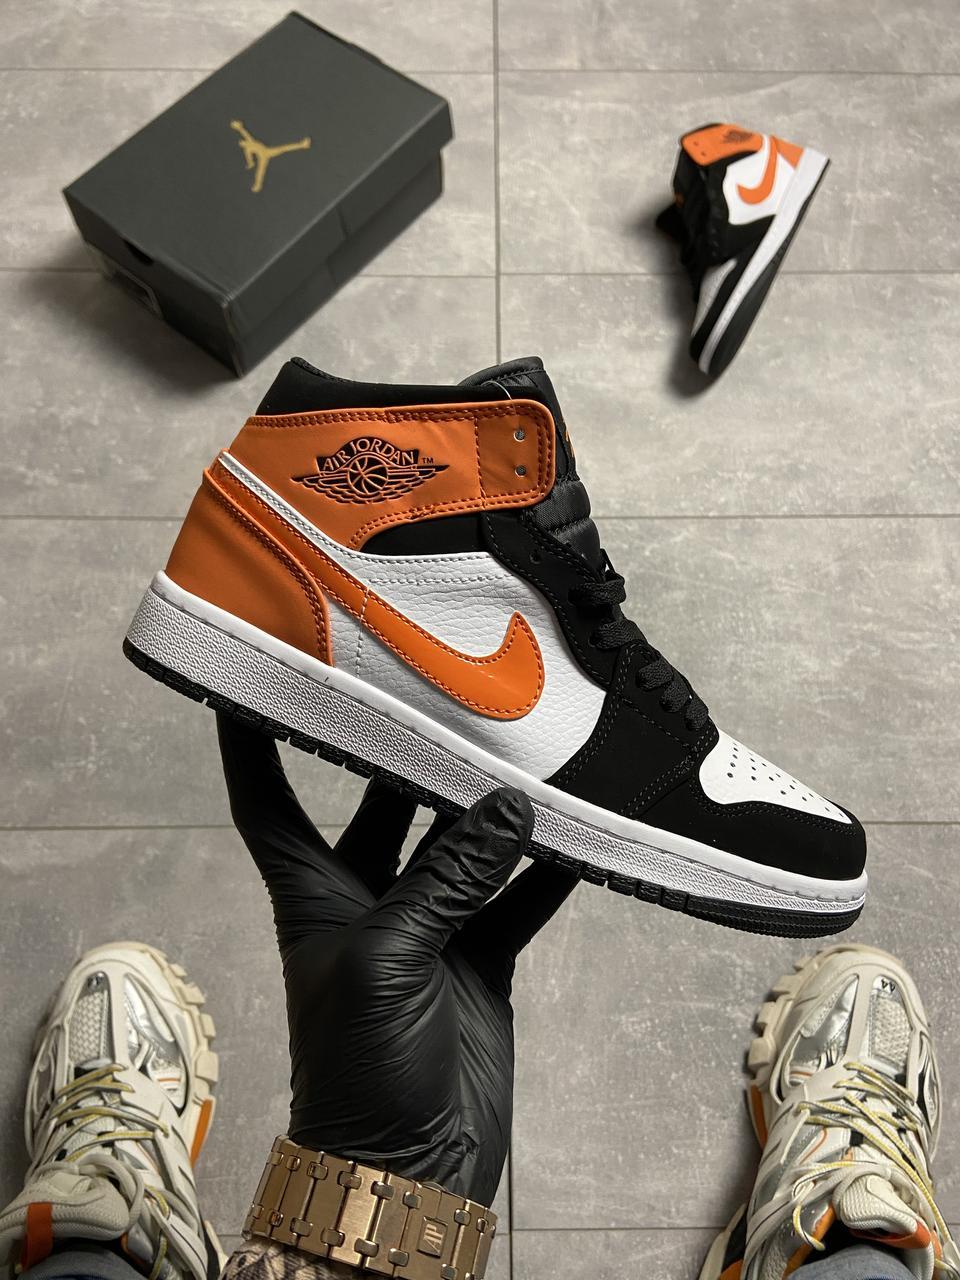 Nike Air Jordan 1 White Black Orange (Белый)